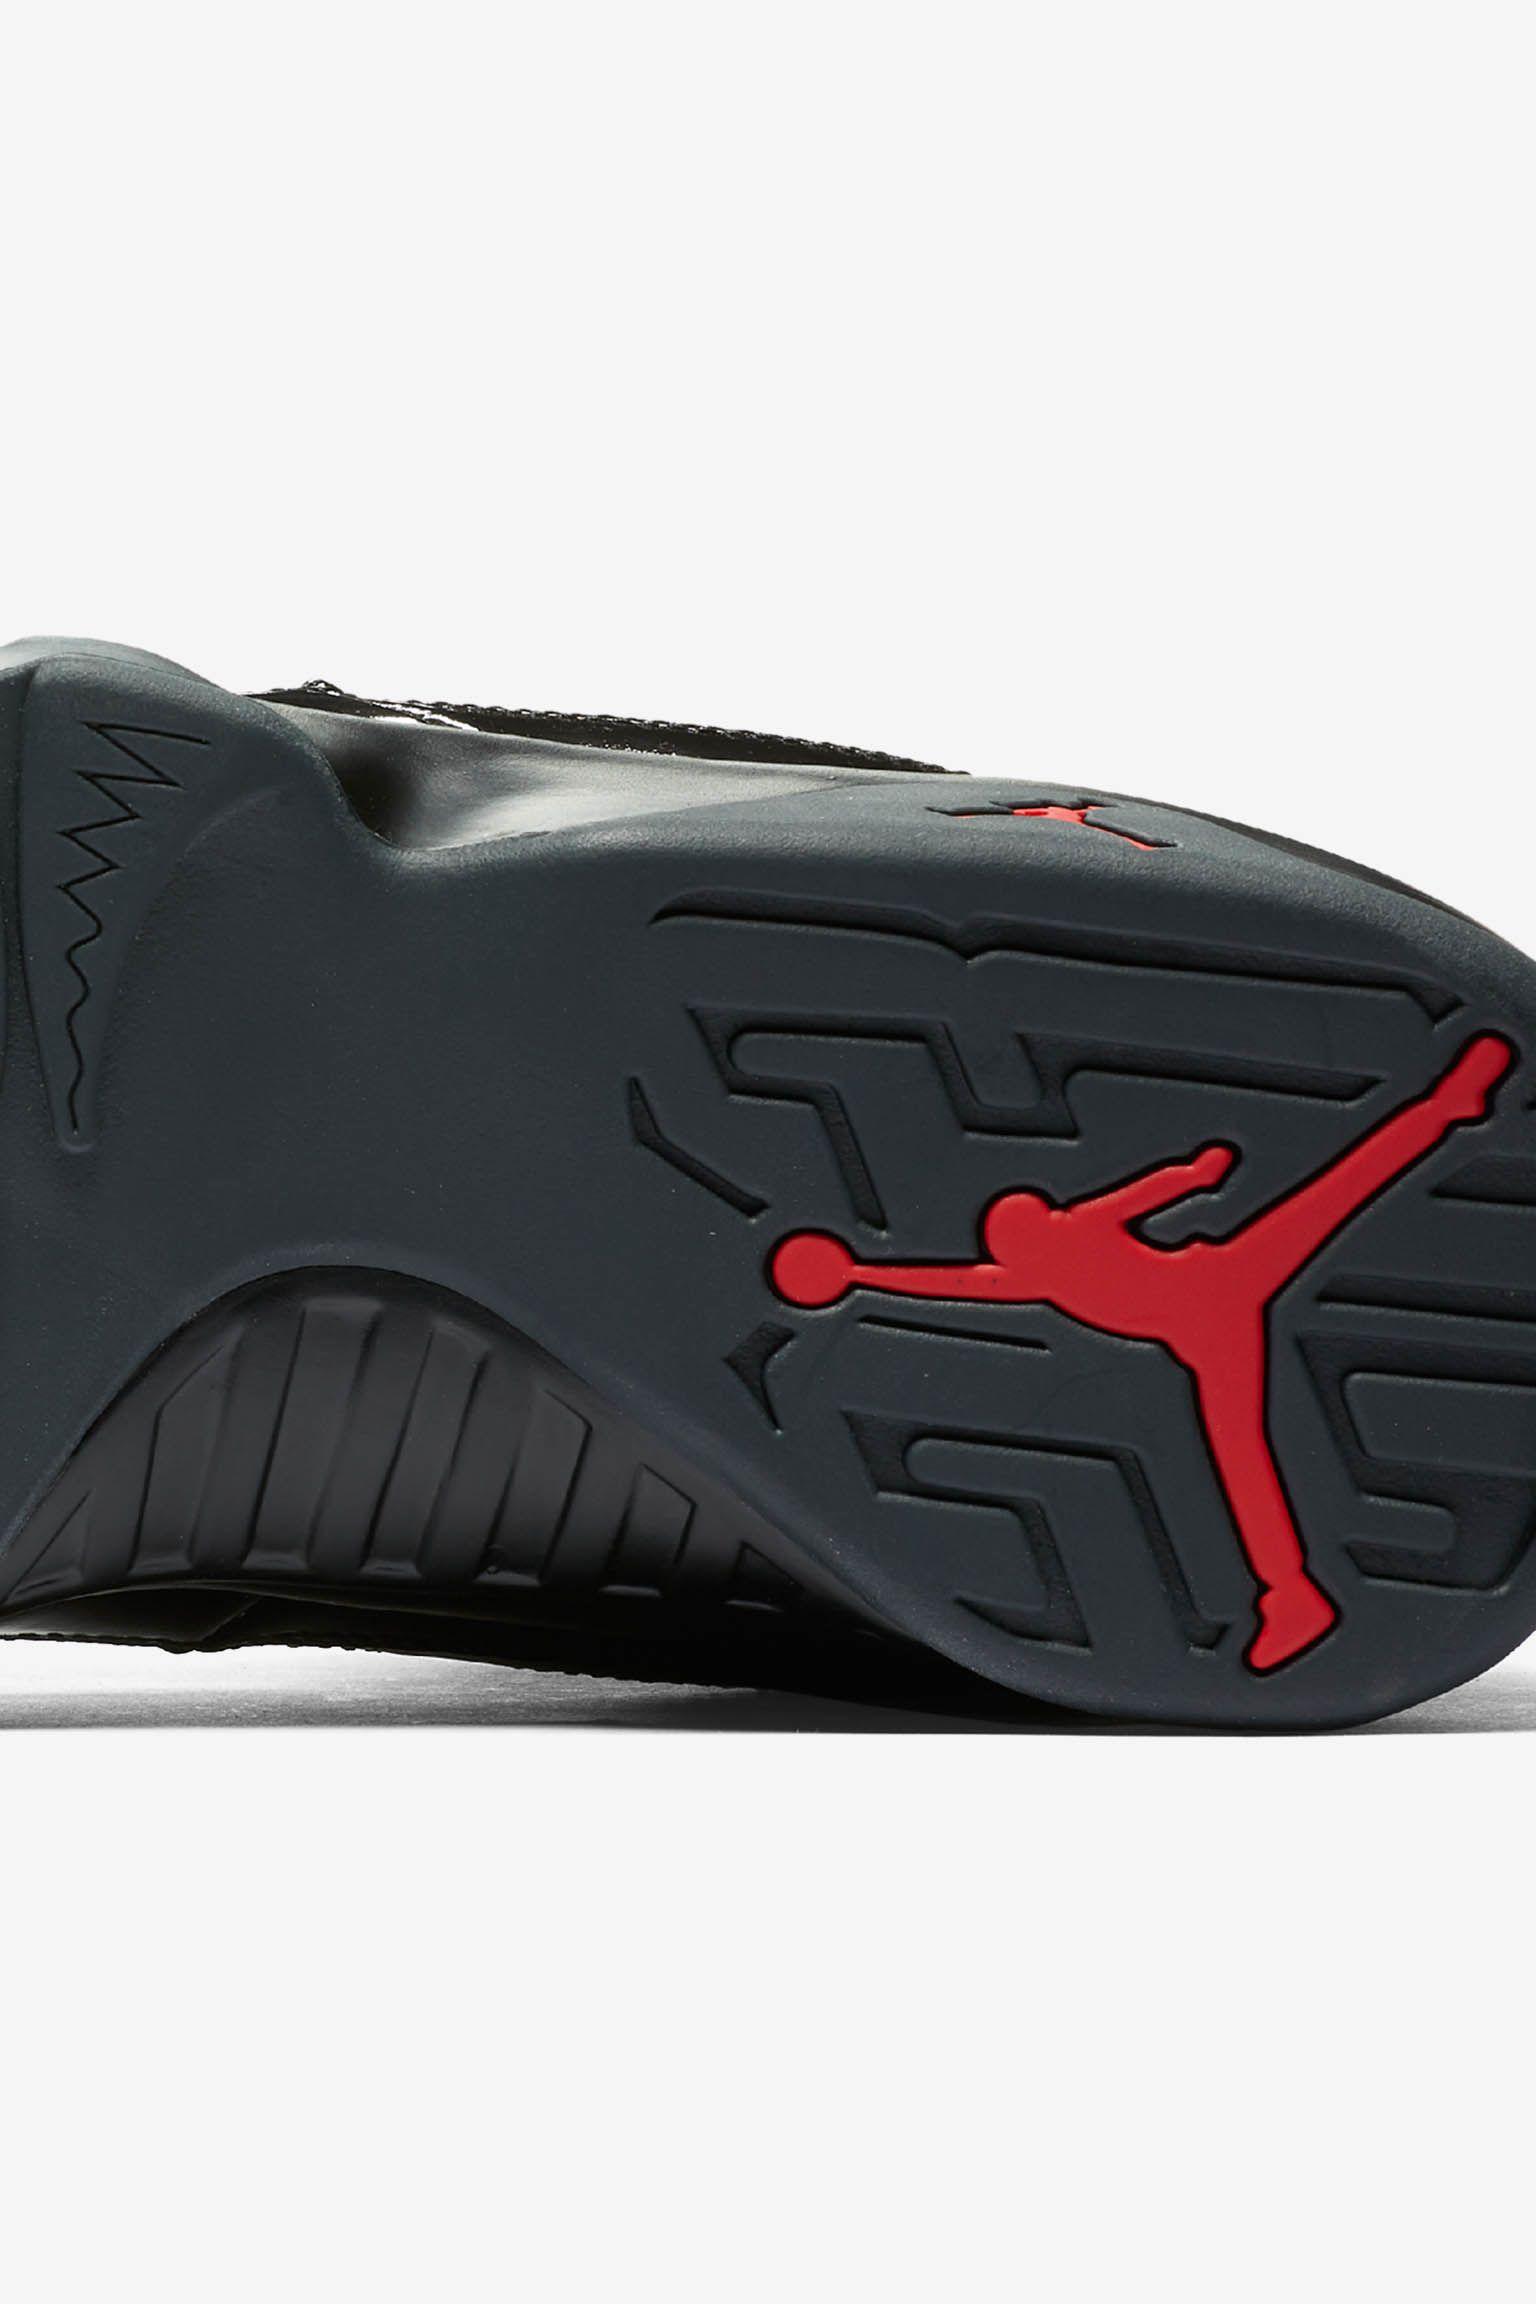 Air Jordan 9 Retro 'Black & University Red' Release Date